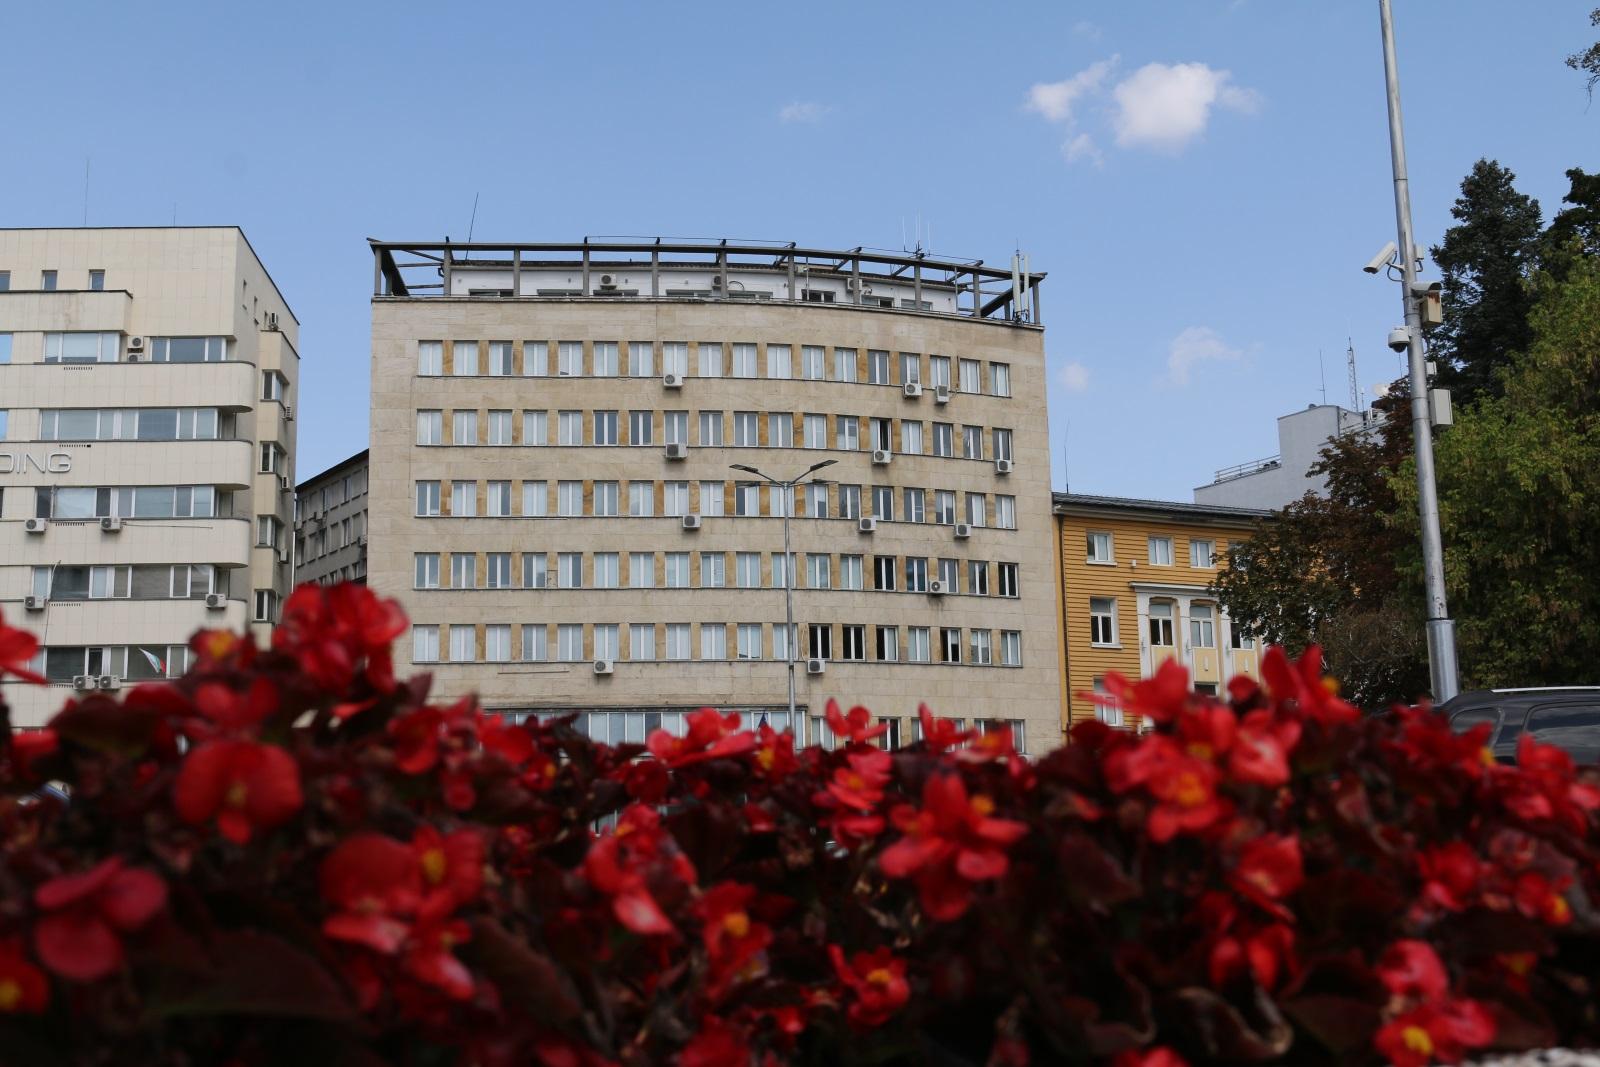 <p>Ул. &bdquo;Московска&ldquo; 5 - някога тук е била страховитата Държавна сигурност. Днес в сградата се помещава Държавната агенция &bdquo;Архиви&ldquo;</p>